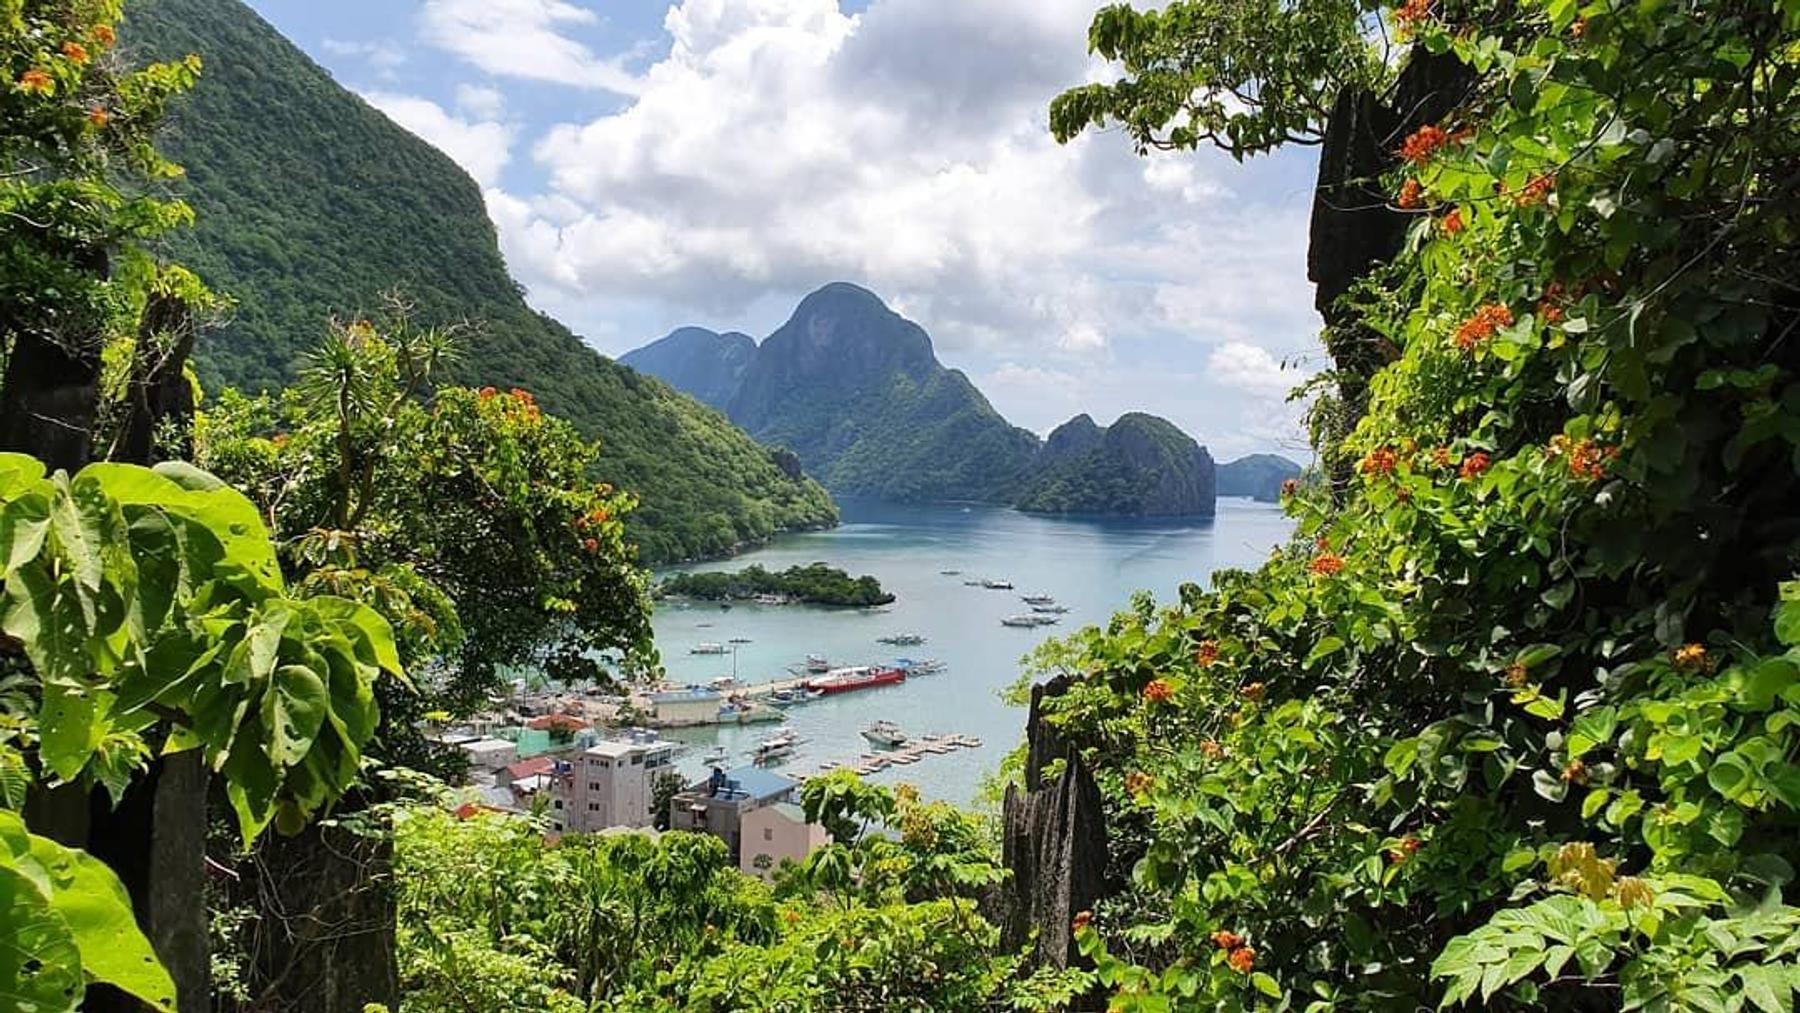 菲律賓擁有美麗的自然風光